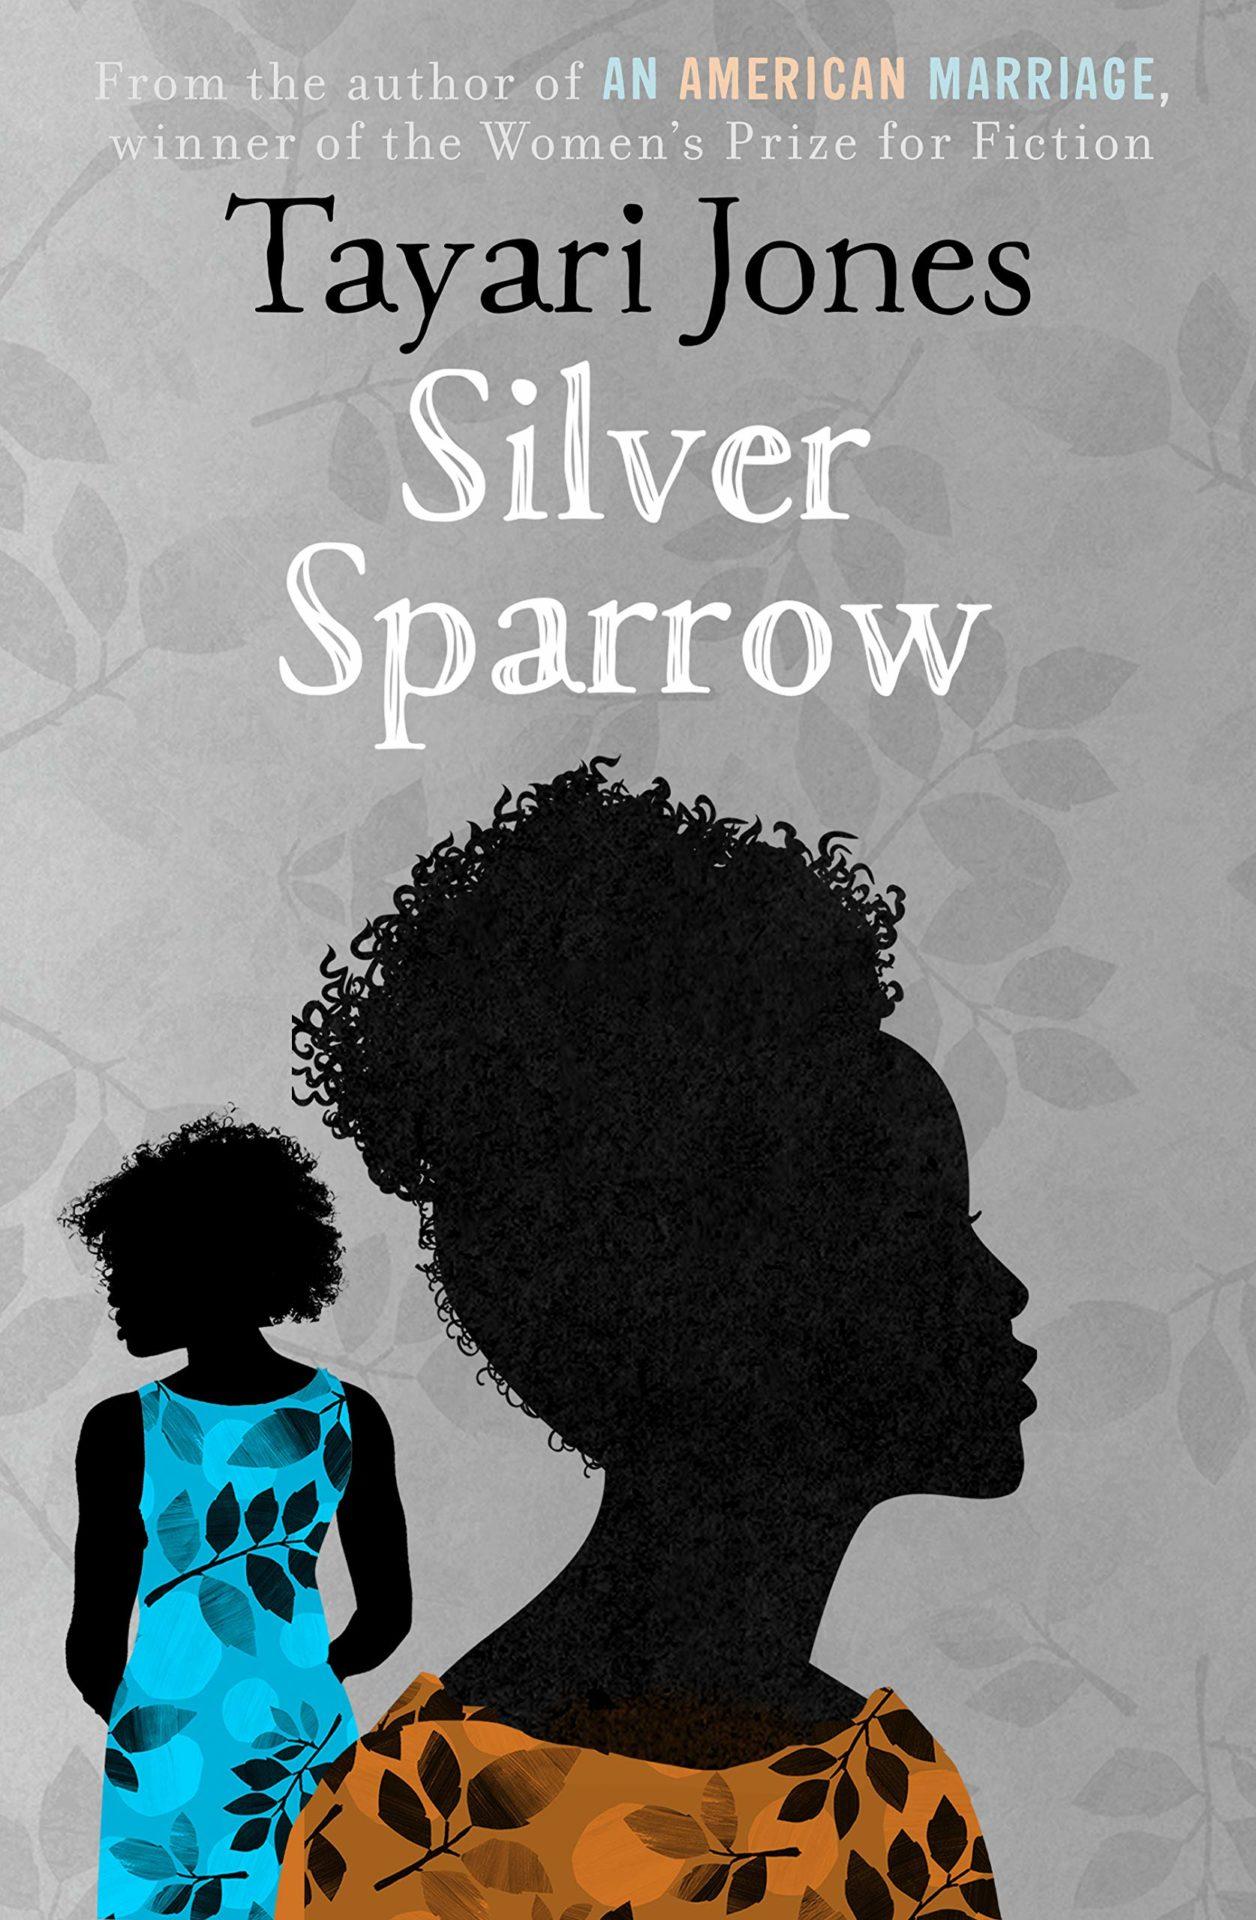 Silver Sparrow by Tayari Jones | 9781786078629